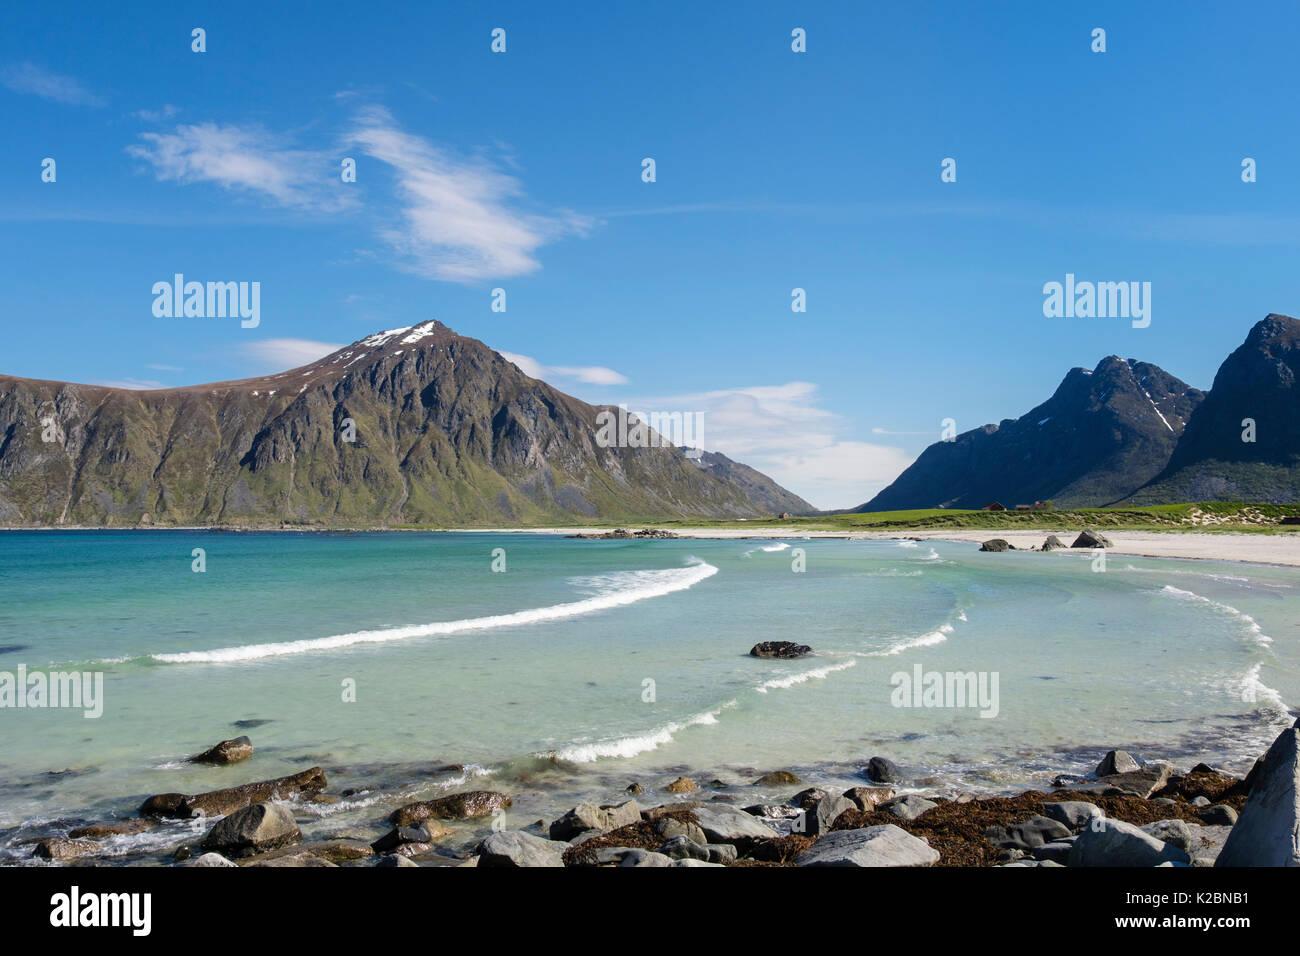 Vista a lo largo de la hermosa playa de arena tranquila Skagsanden. Flakstadøya Flakstad, Isla, Islas Lofoten, Nordland, Noruega, Escandinavia Foto de stock